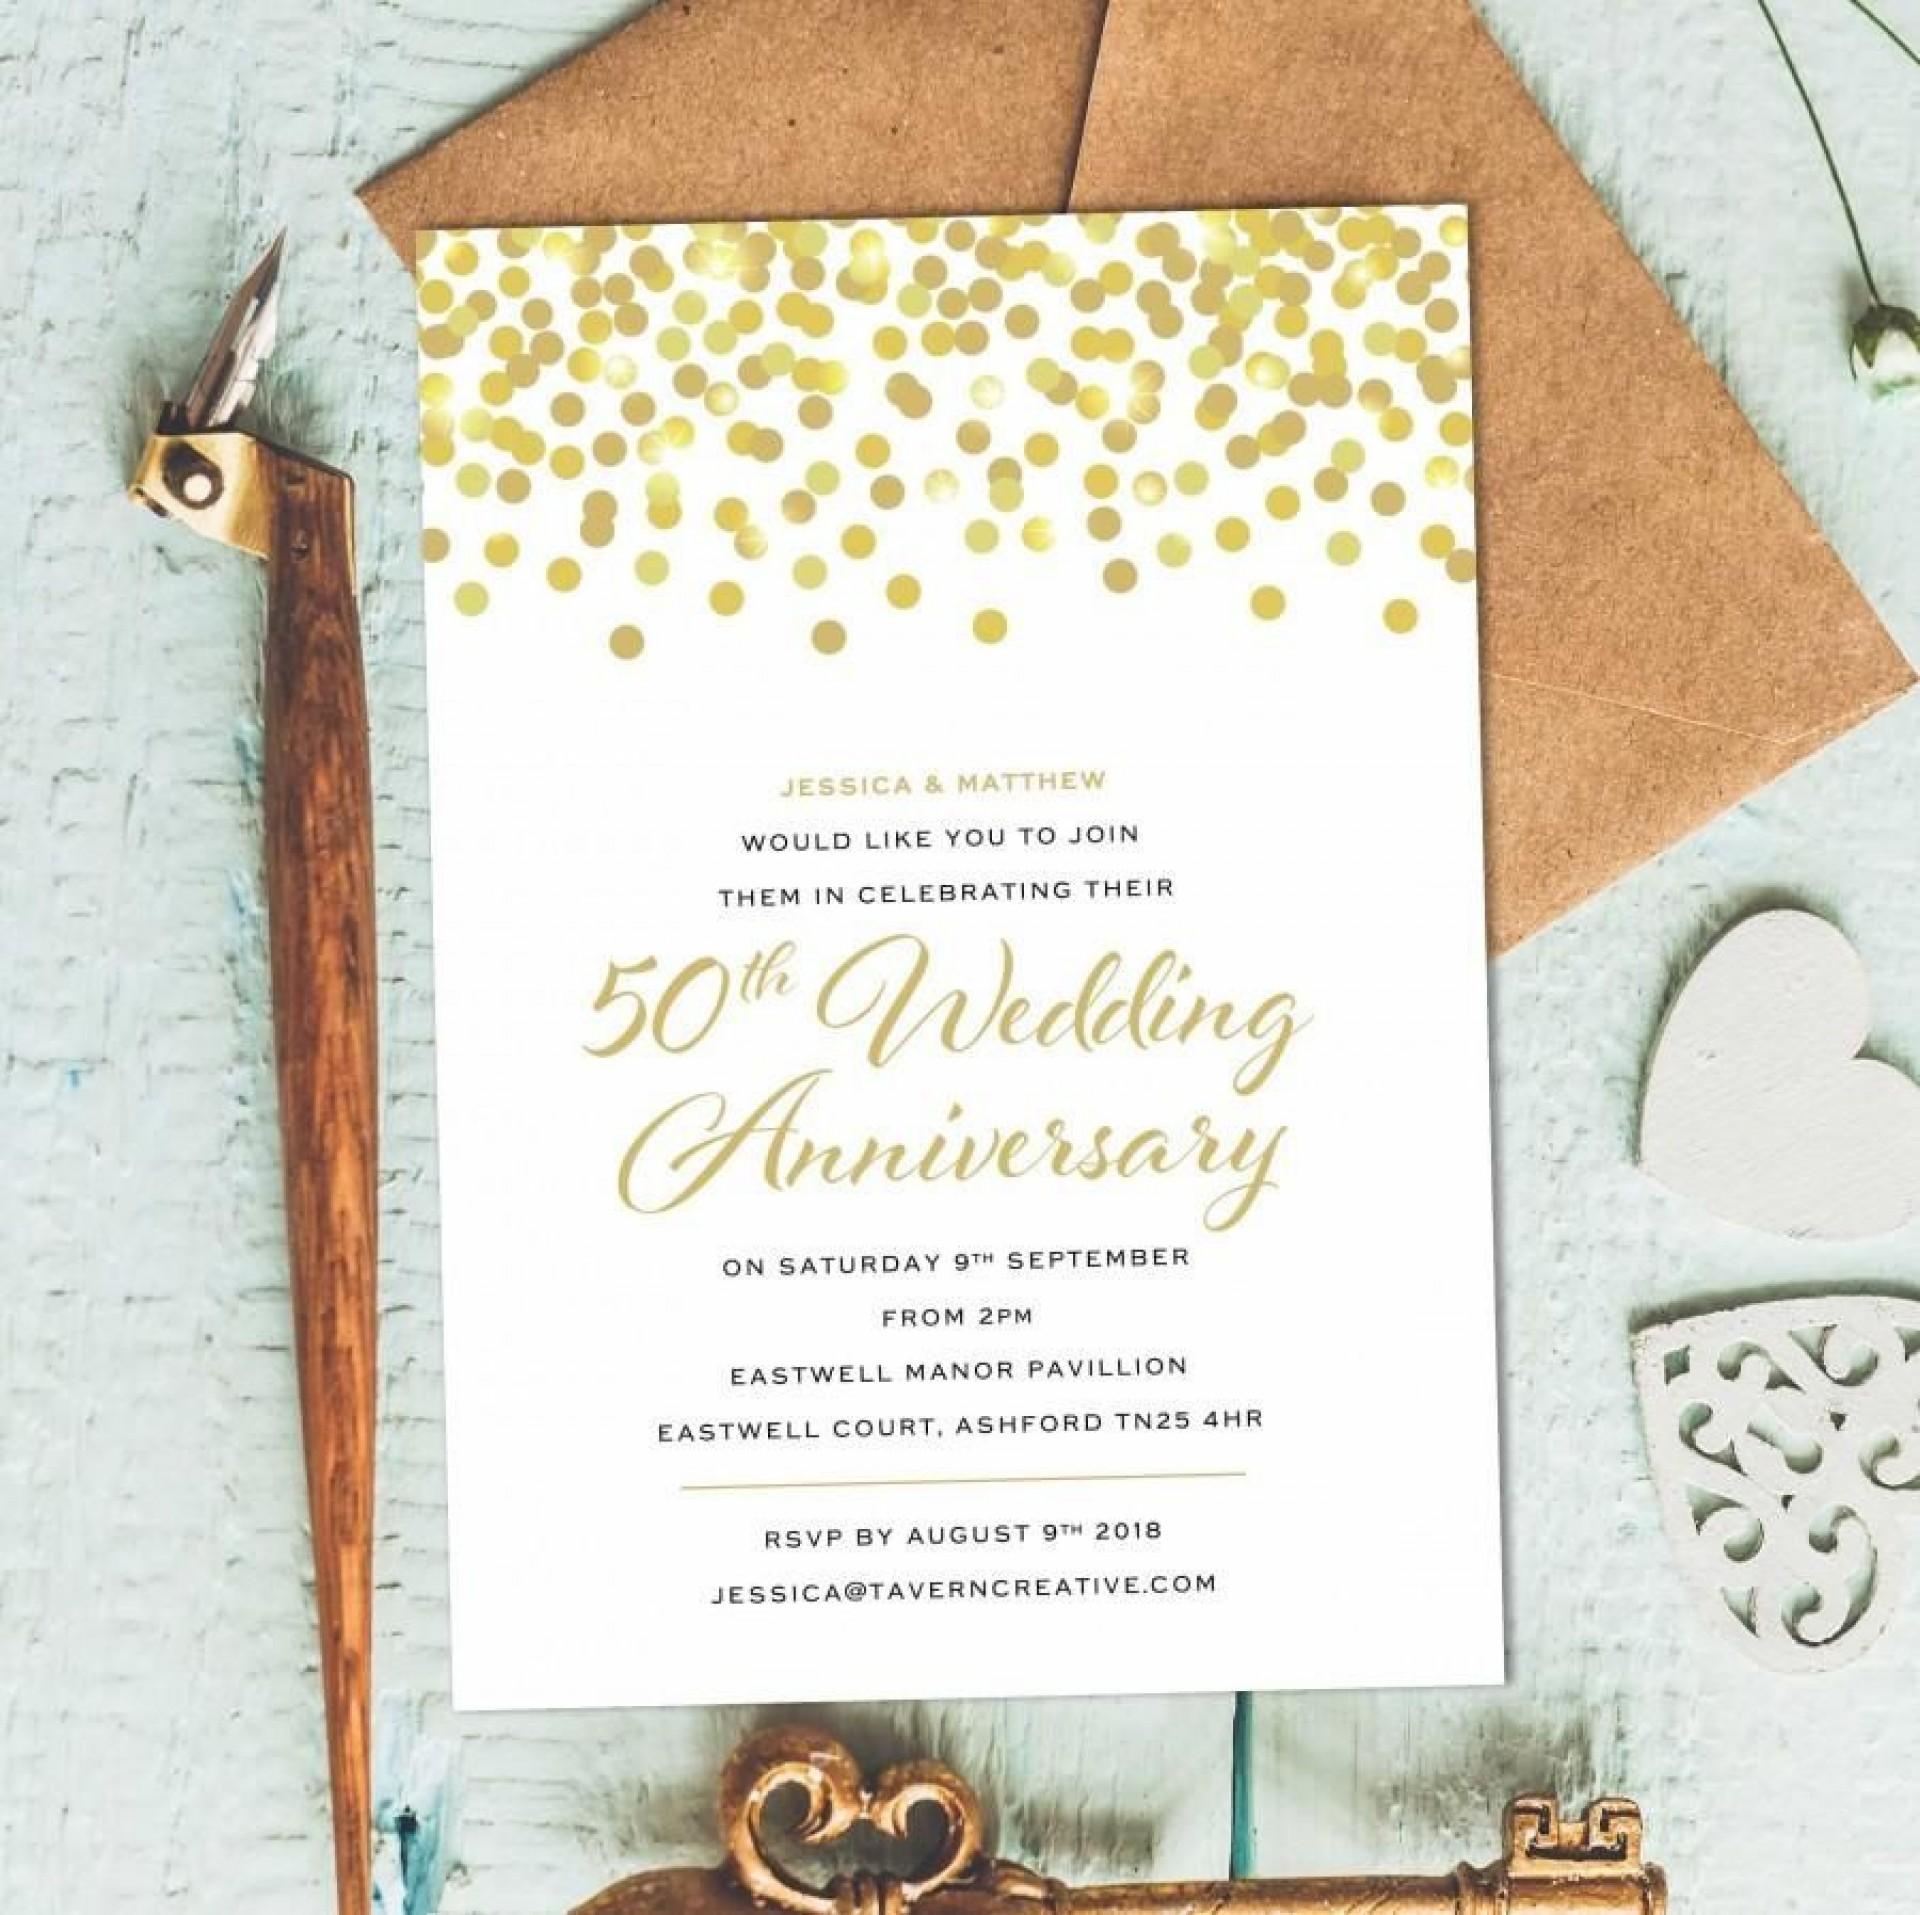 002 Unique 50th Anniversary Invitation Template Design  Wedding Microsoft Word Free Download1920